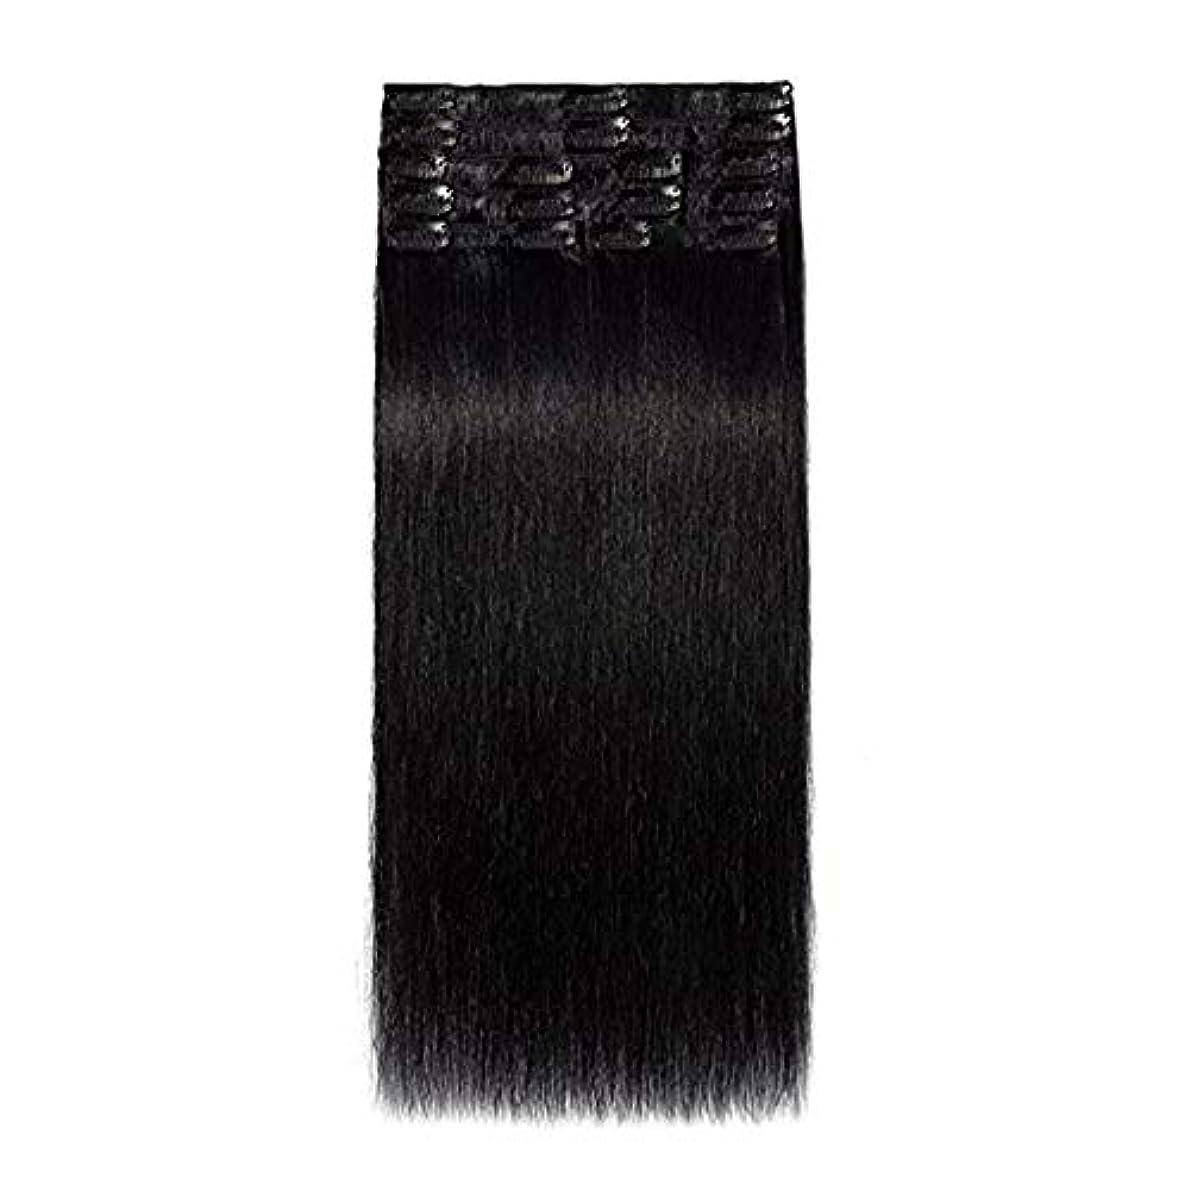 格差百科事典メロドラマティックWASAIO 人間のレミーヘアエクステンションクリップUnseamed髪型標準横糸クリップ - 8個のフルヘッドUnbowed 10「-28」 (色 : 黒, サイズ : 20 inch)